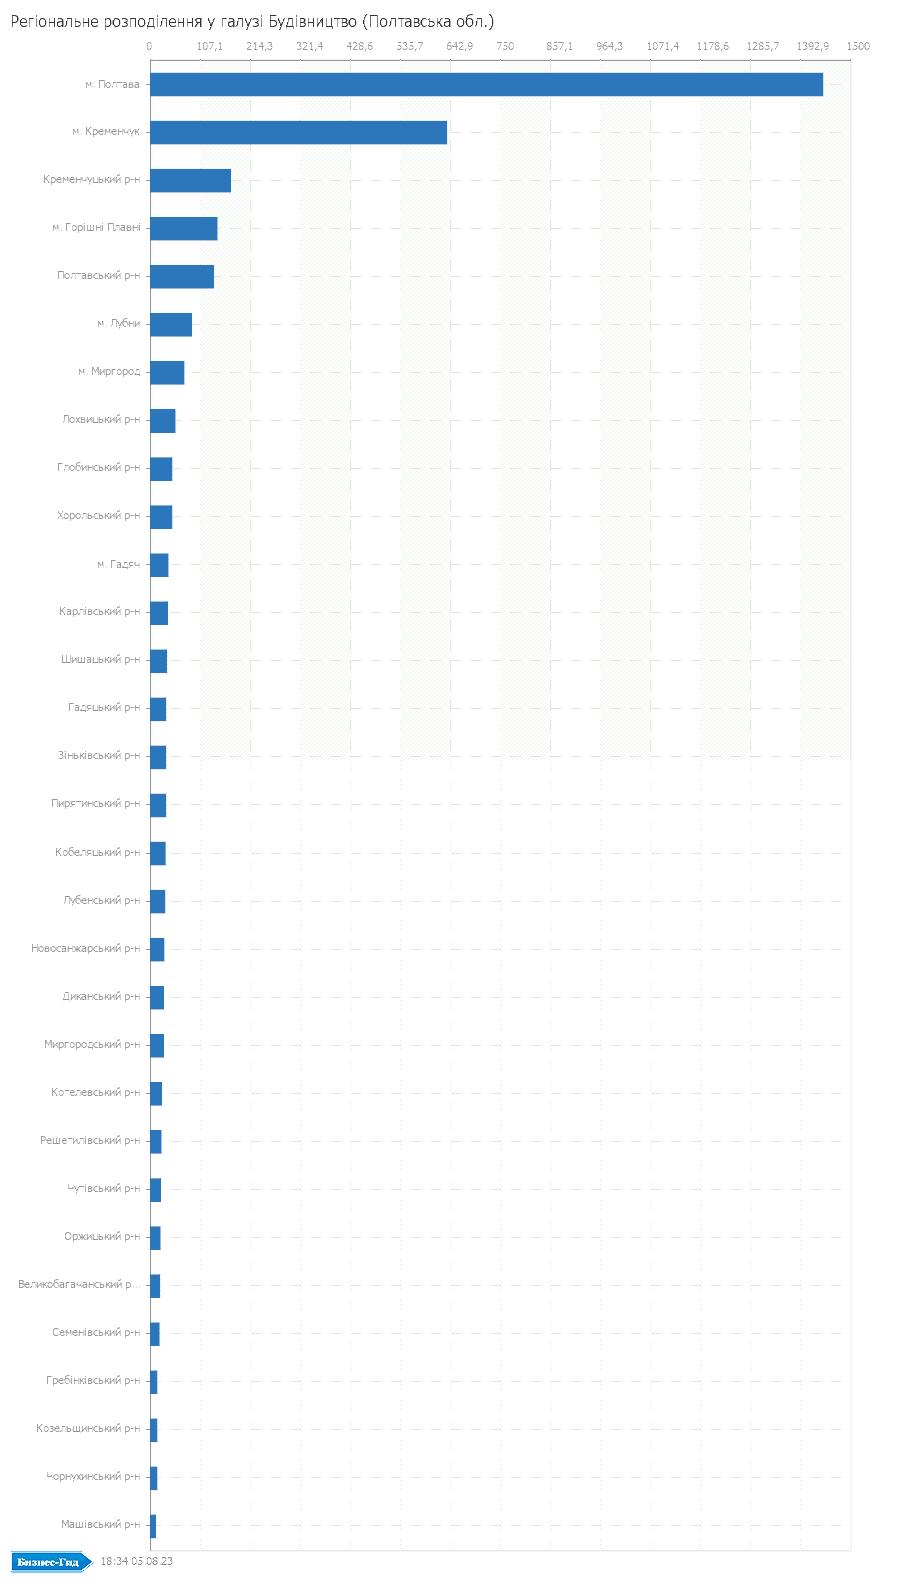 Регіональне розподілення у галузі: Будiвництво (Полтавська обл.)